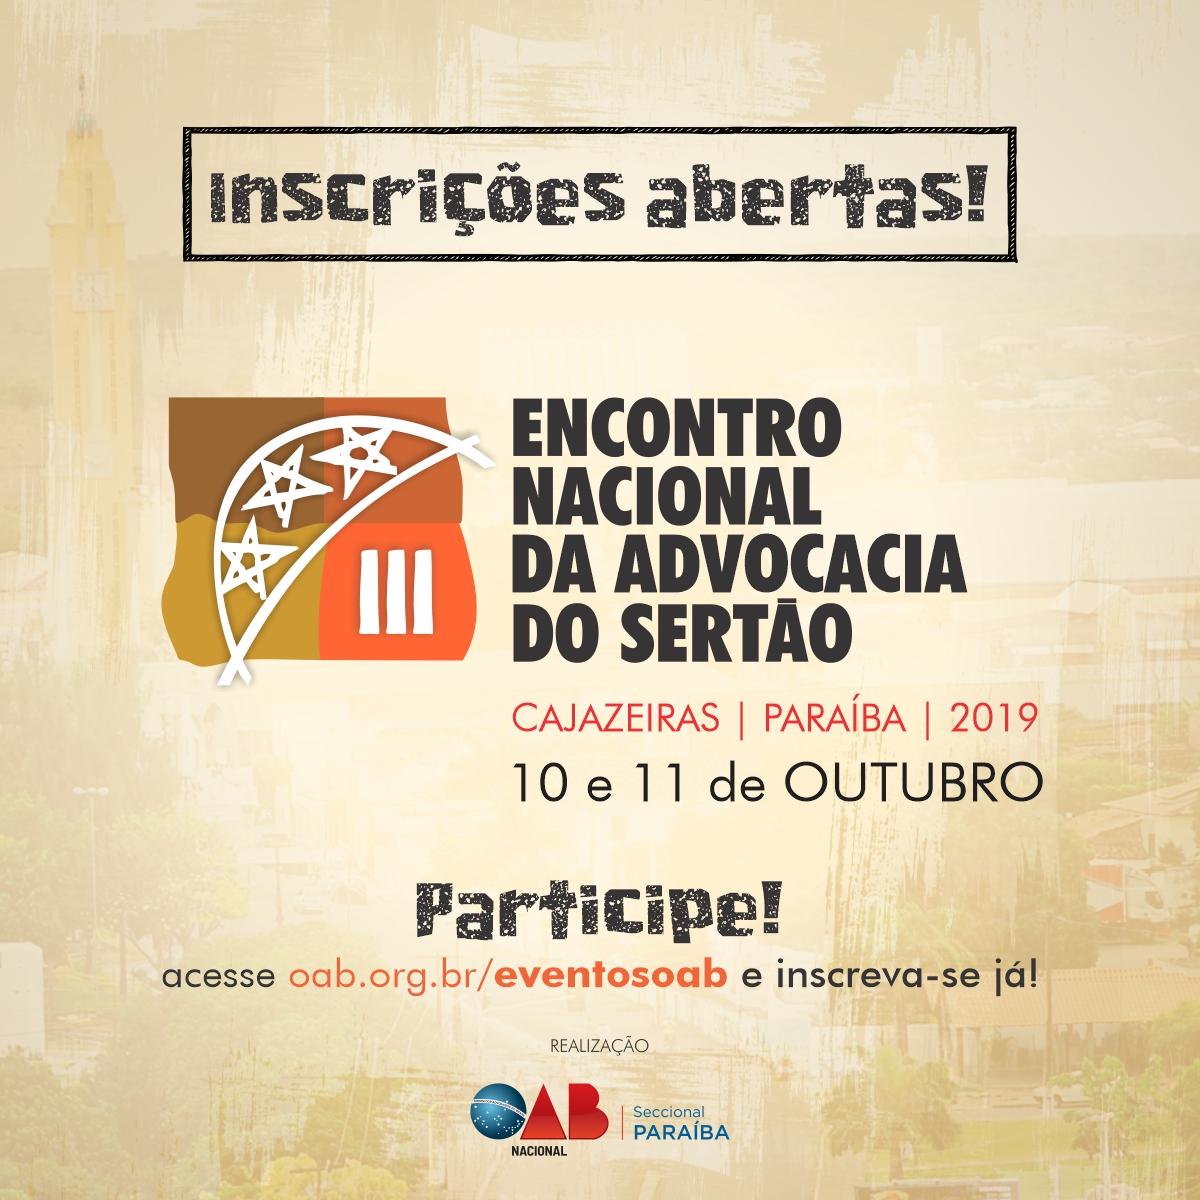 OAB abre inscrições para o III Encontro Nacional da Advocacia do Sertão em Cajazeiras